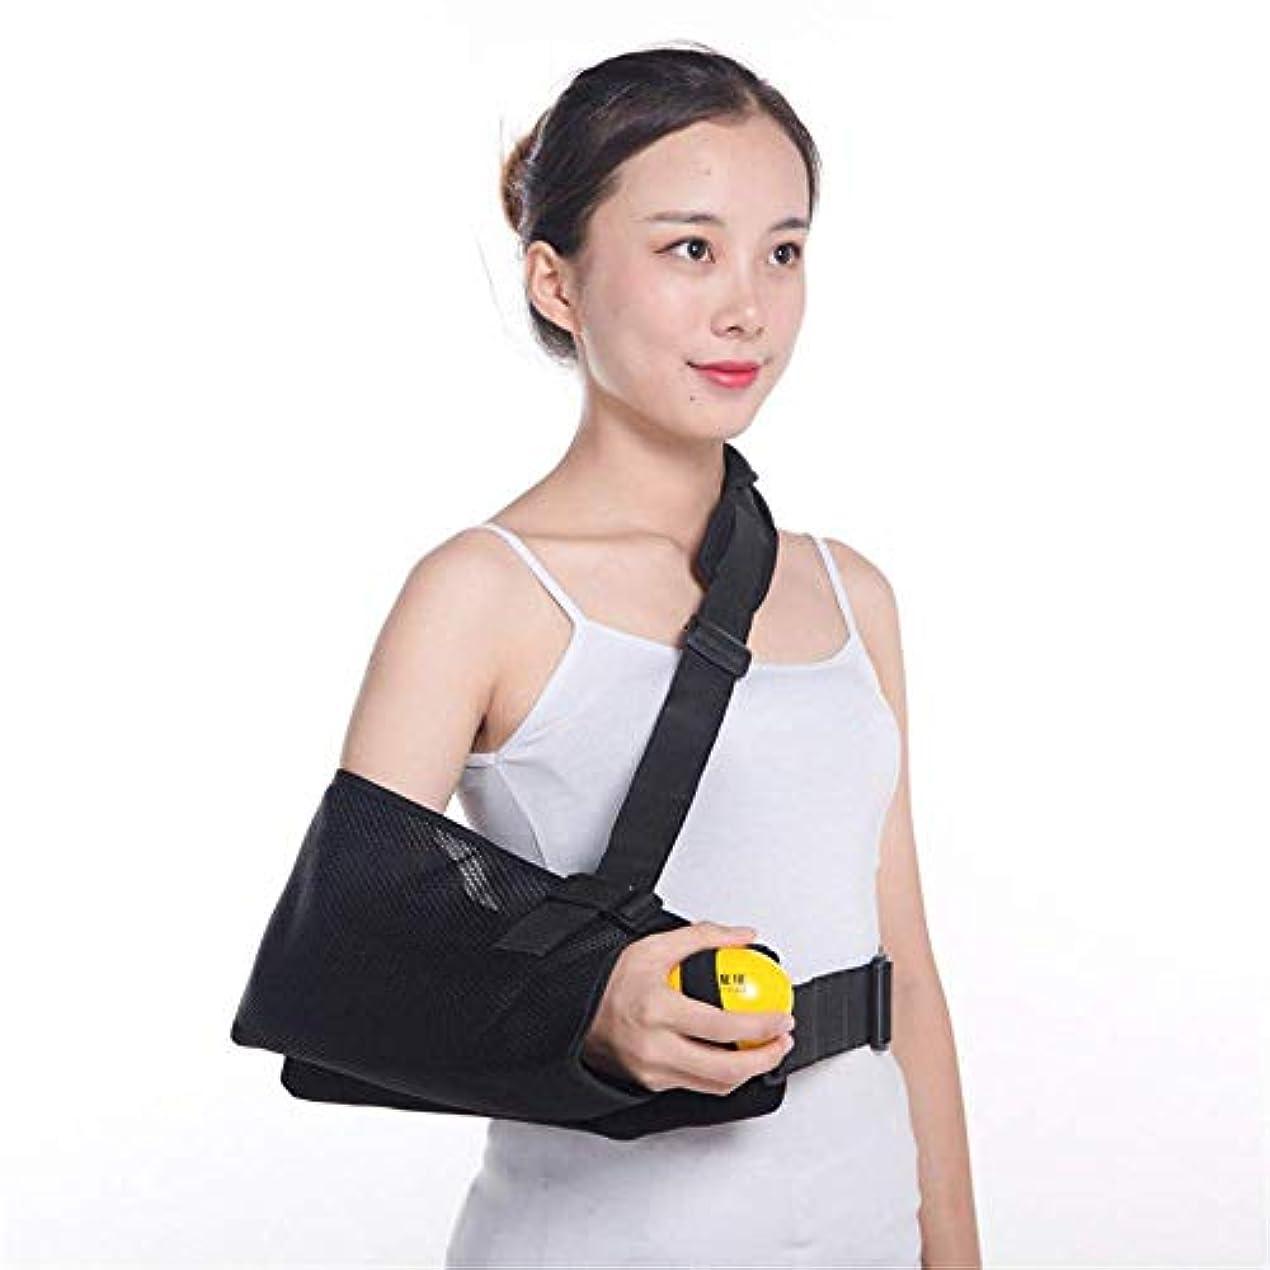 がんばり続ける骨折ちょうつがい肩外転スリング - 怪我のサポートのためのイモビライザー - 回旋腱板、Sublexionのための痛み軽減アームピロー - ブレースはポケットストラップ、ウェッジを含みます